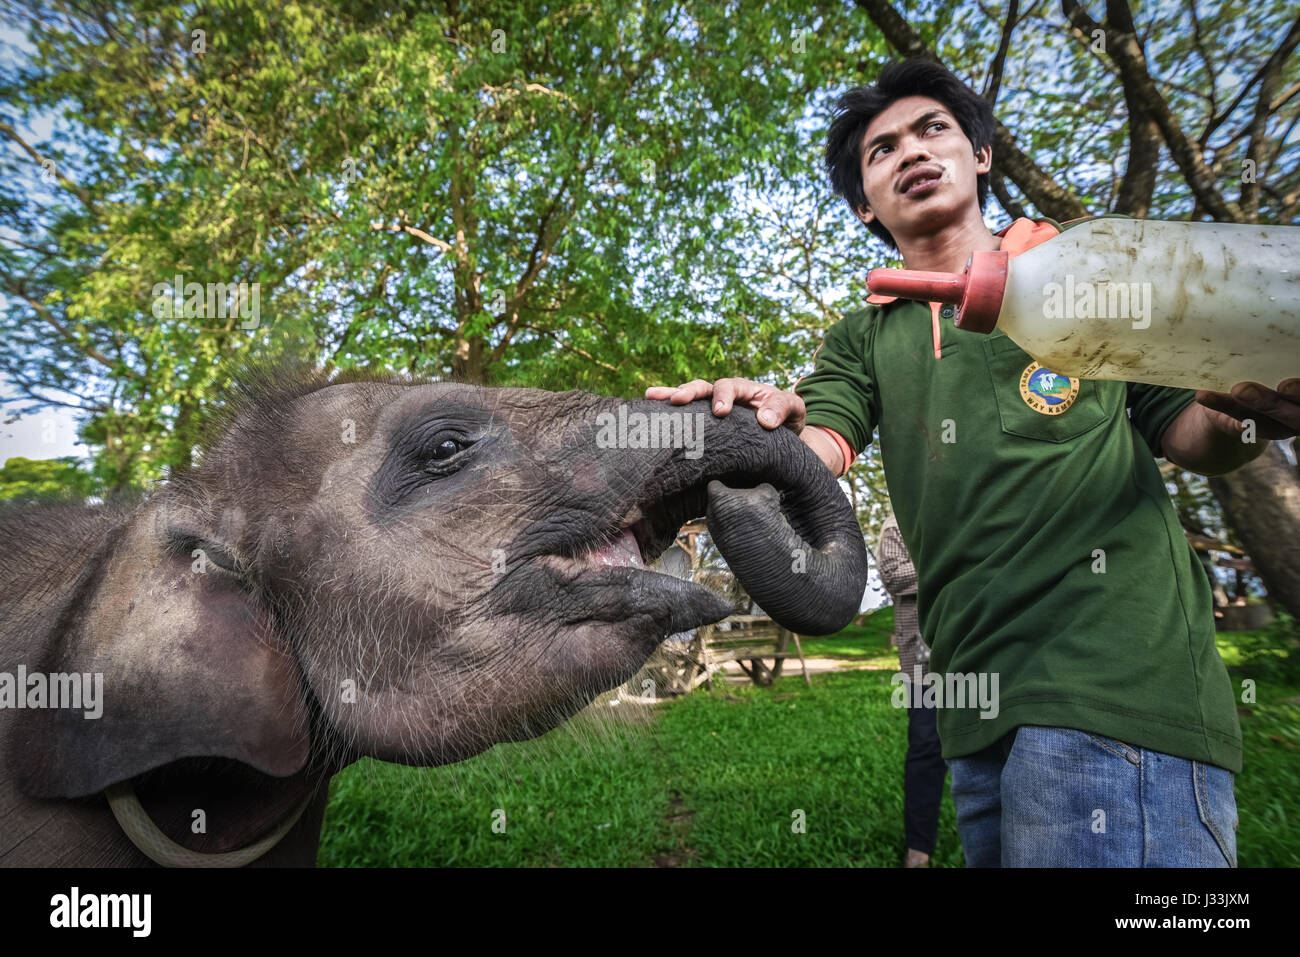 Temps de lait pour Yekti, un éléphant veau que secourue après avoir trouvé blessé et séparé de son troupeau à l'extérieur Banque D'Images